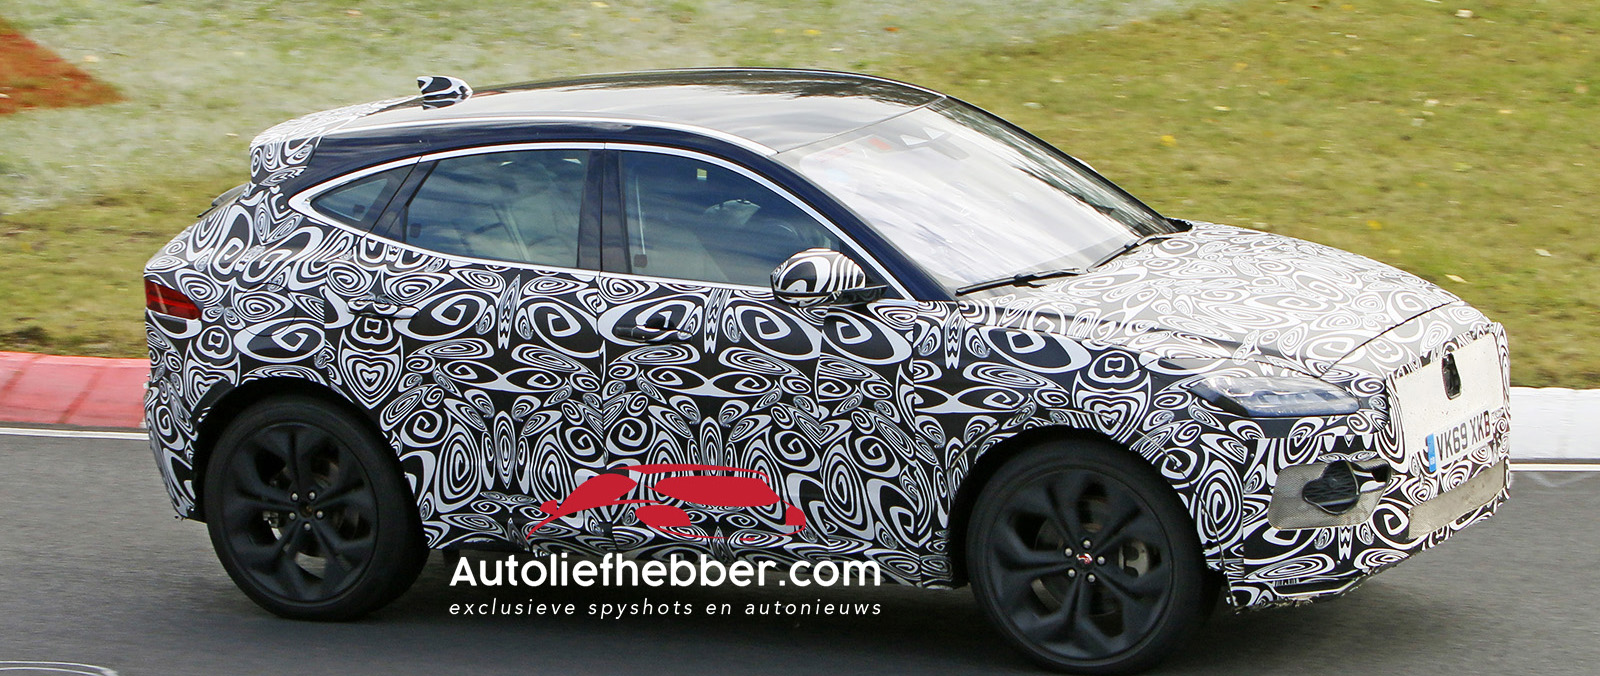 Spionage beelden Jaguar epace